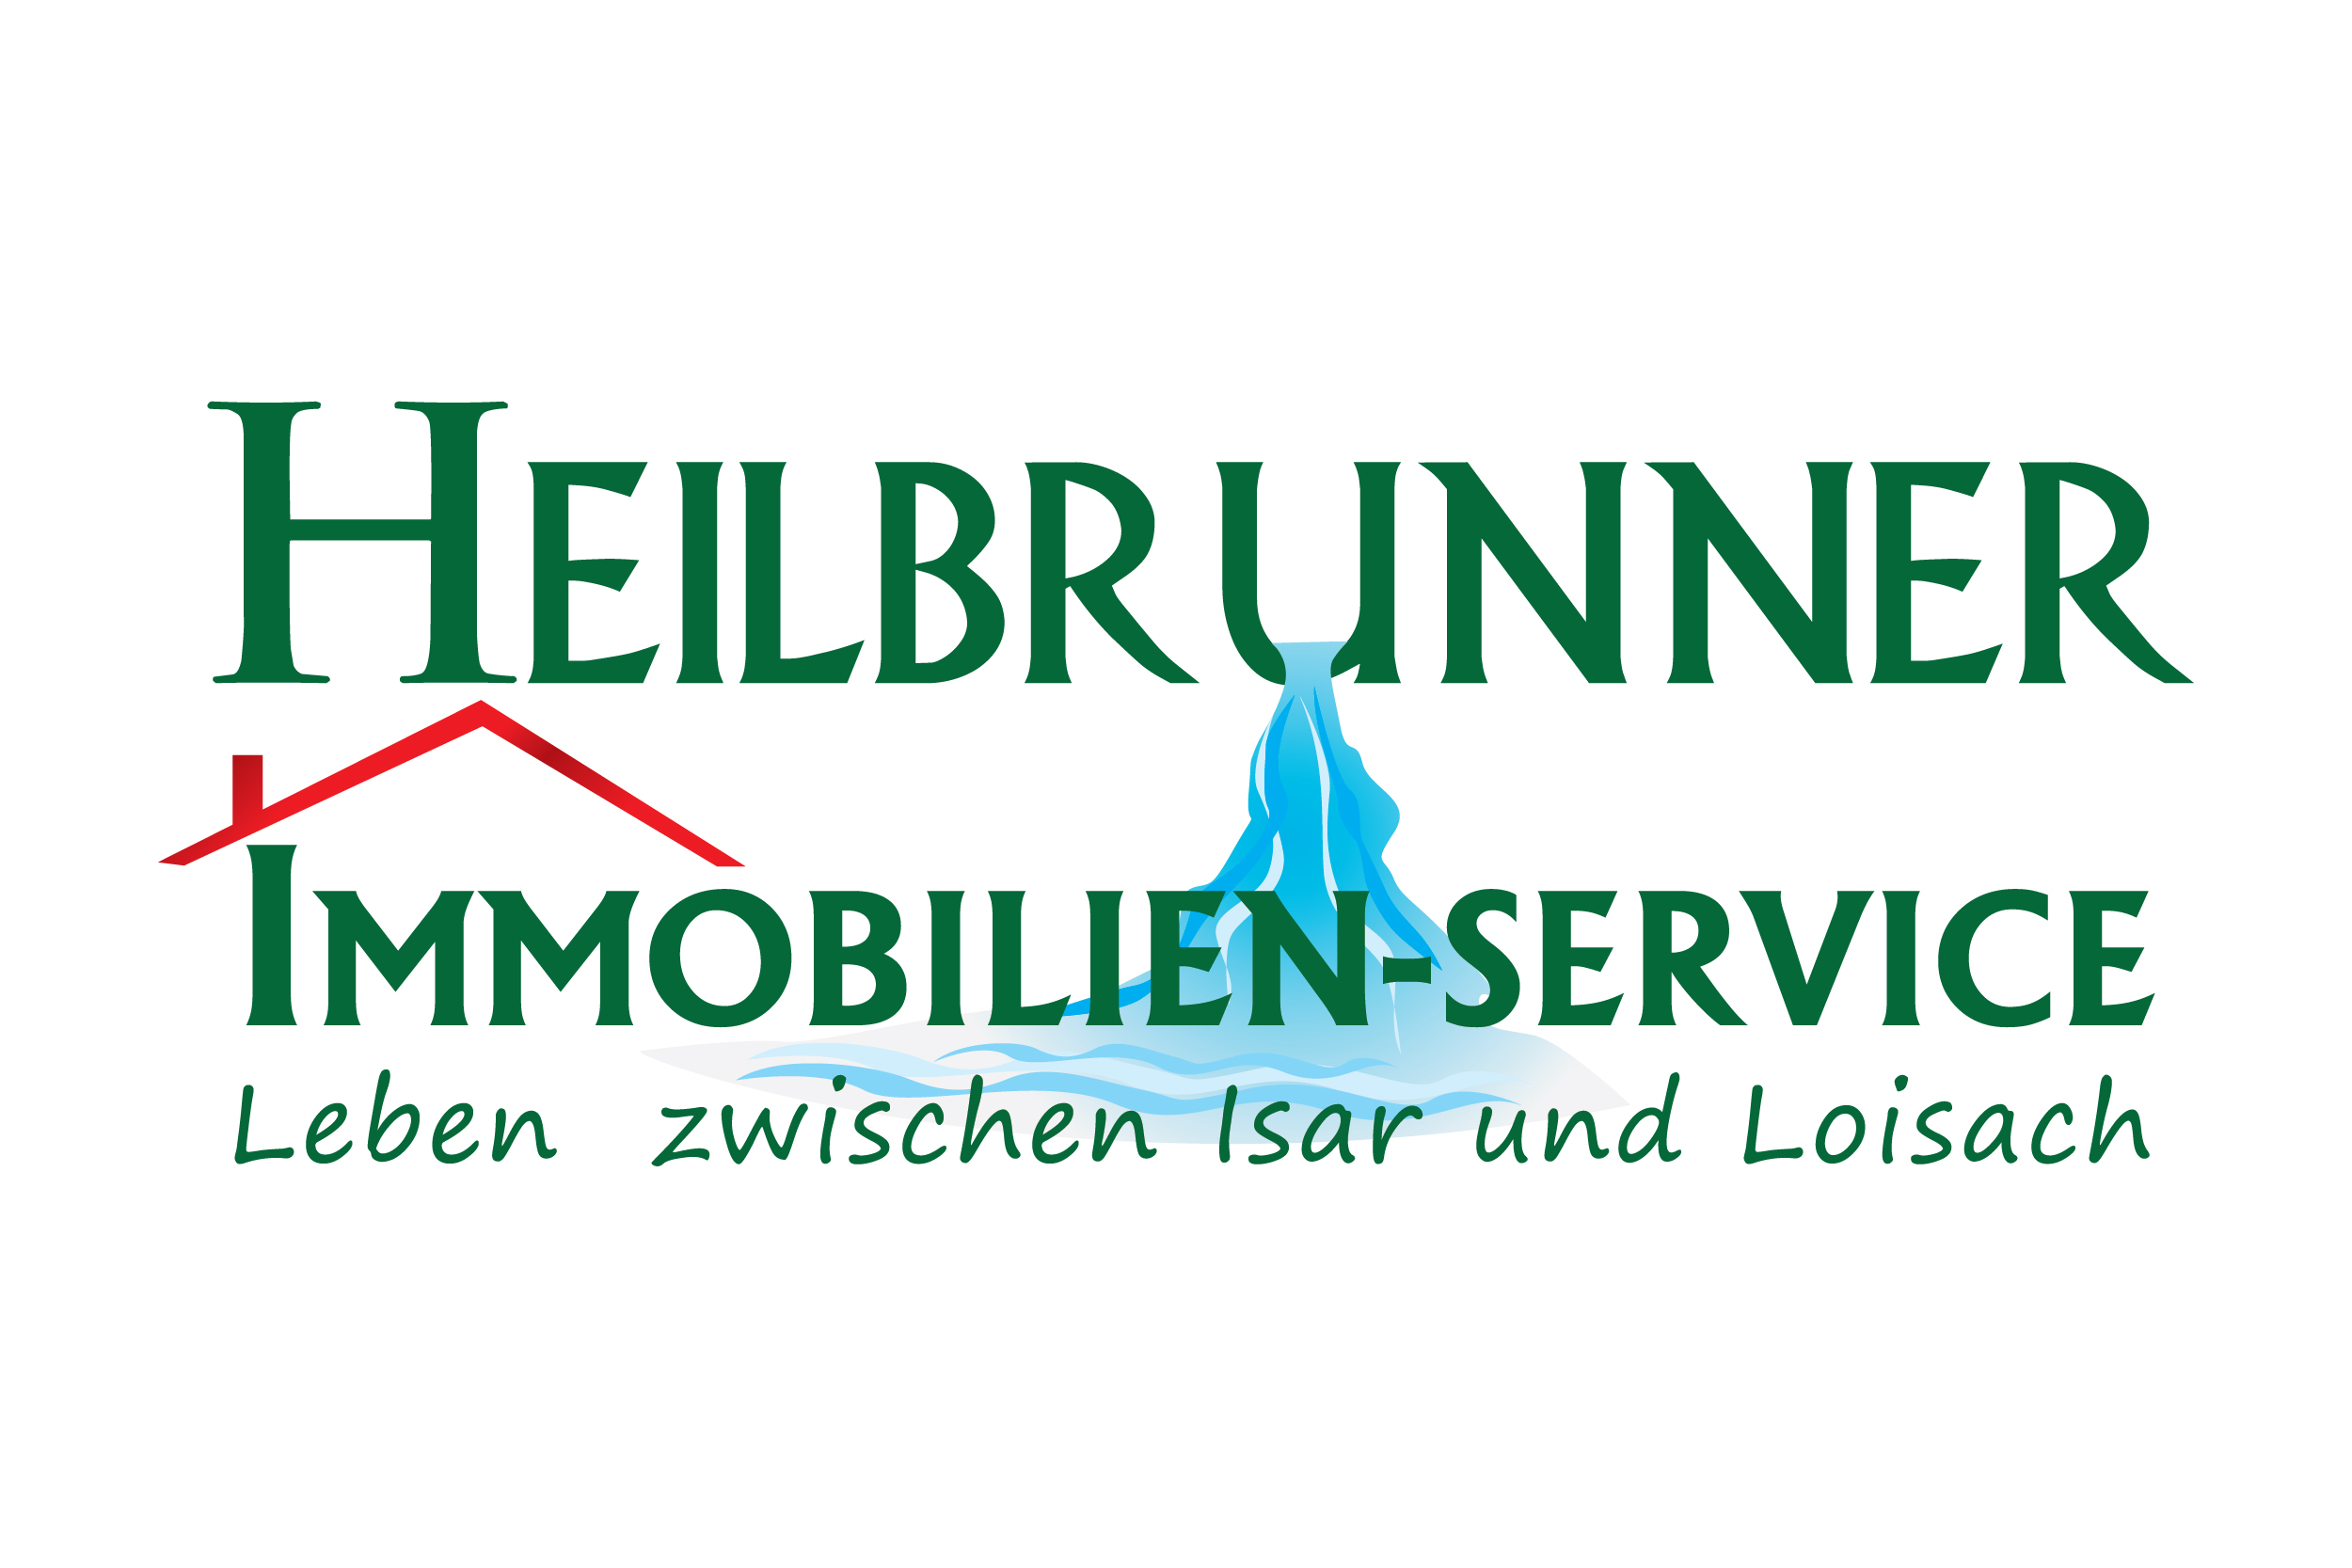 Hier sehen Sie das Logo von Luise Krinner